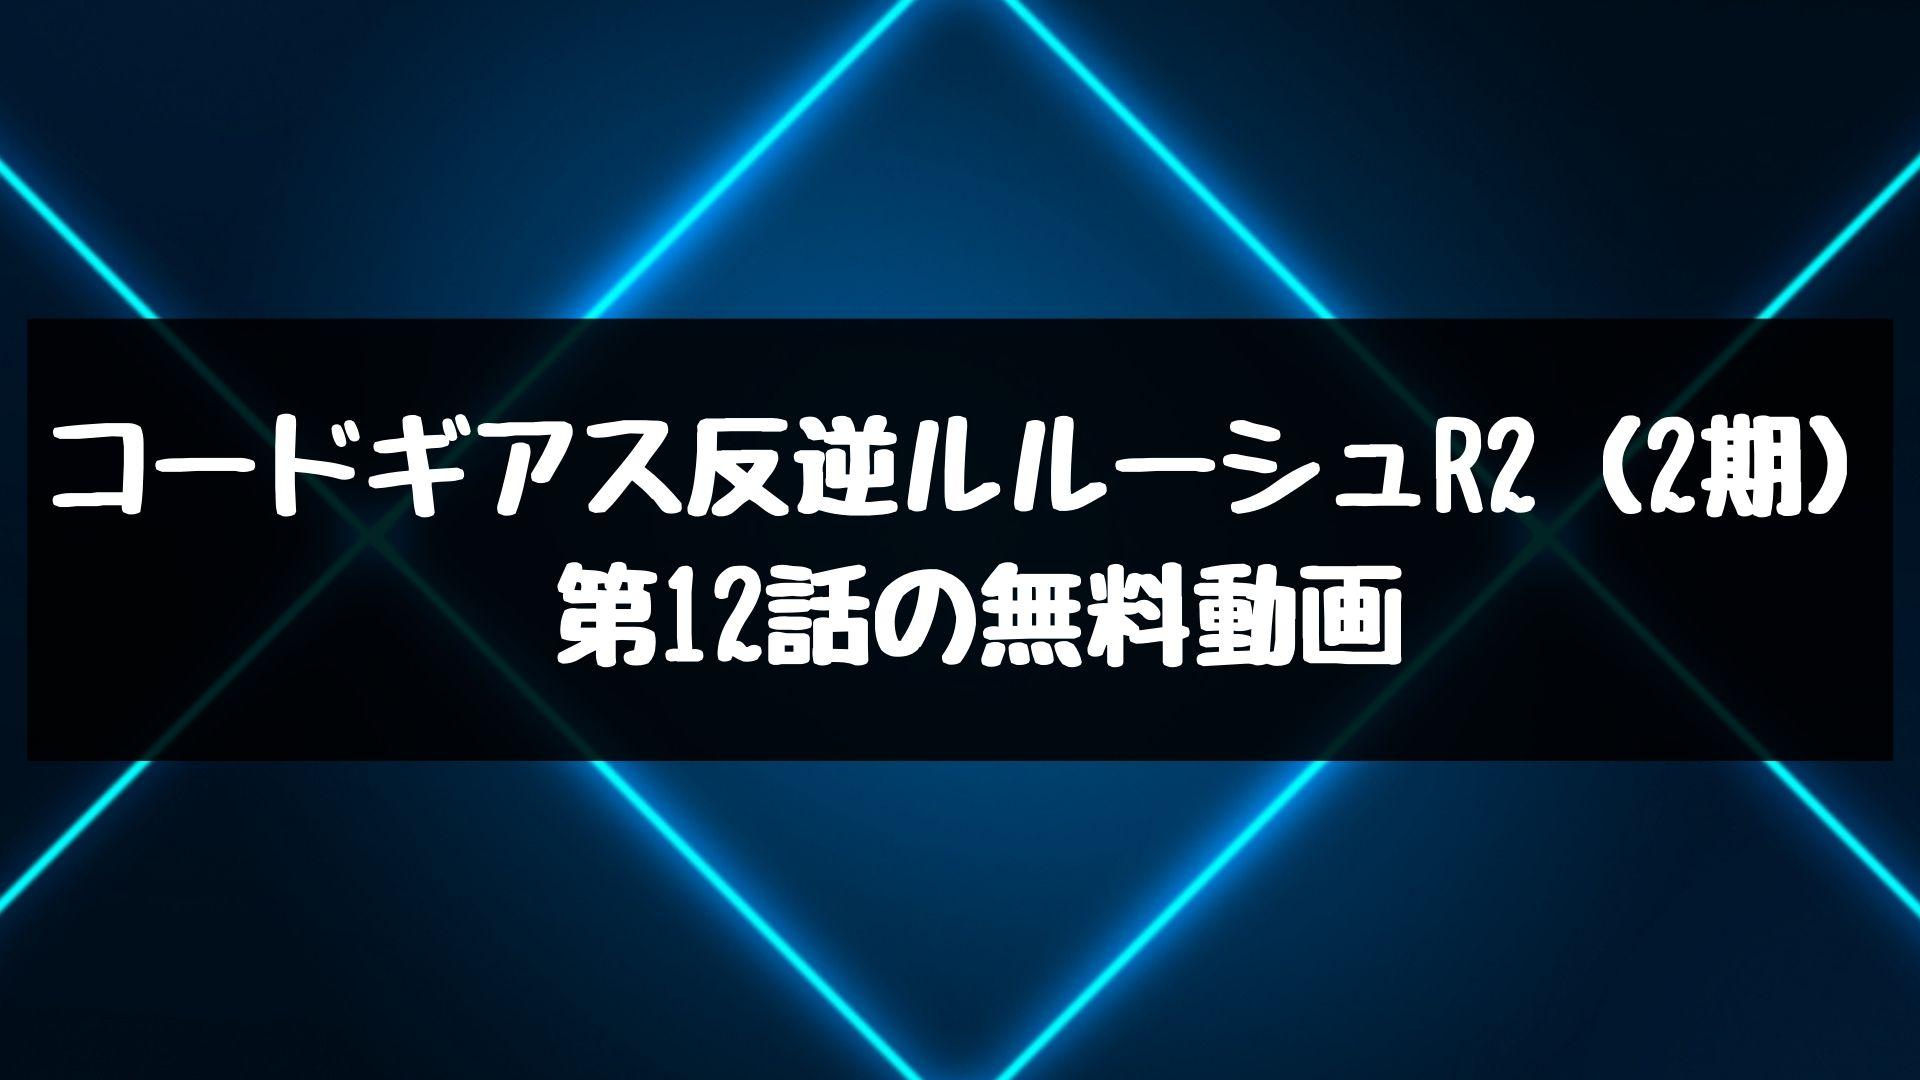 コードギアス反逆ルルーシュR2(2期) 第12の無料動画